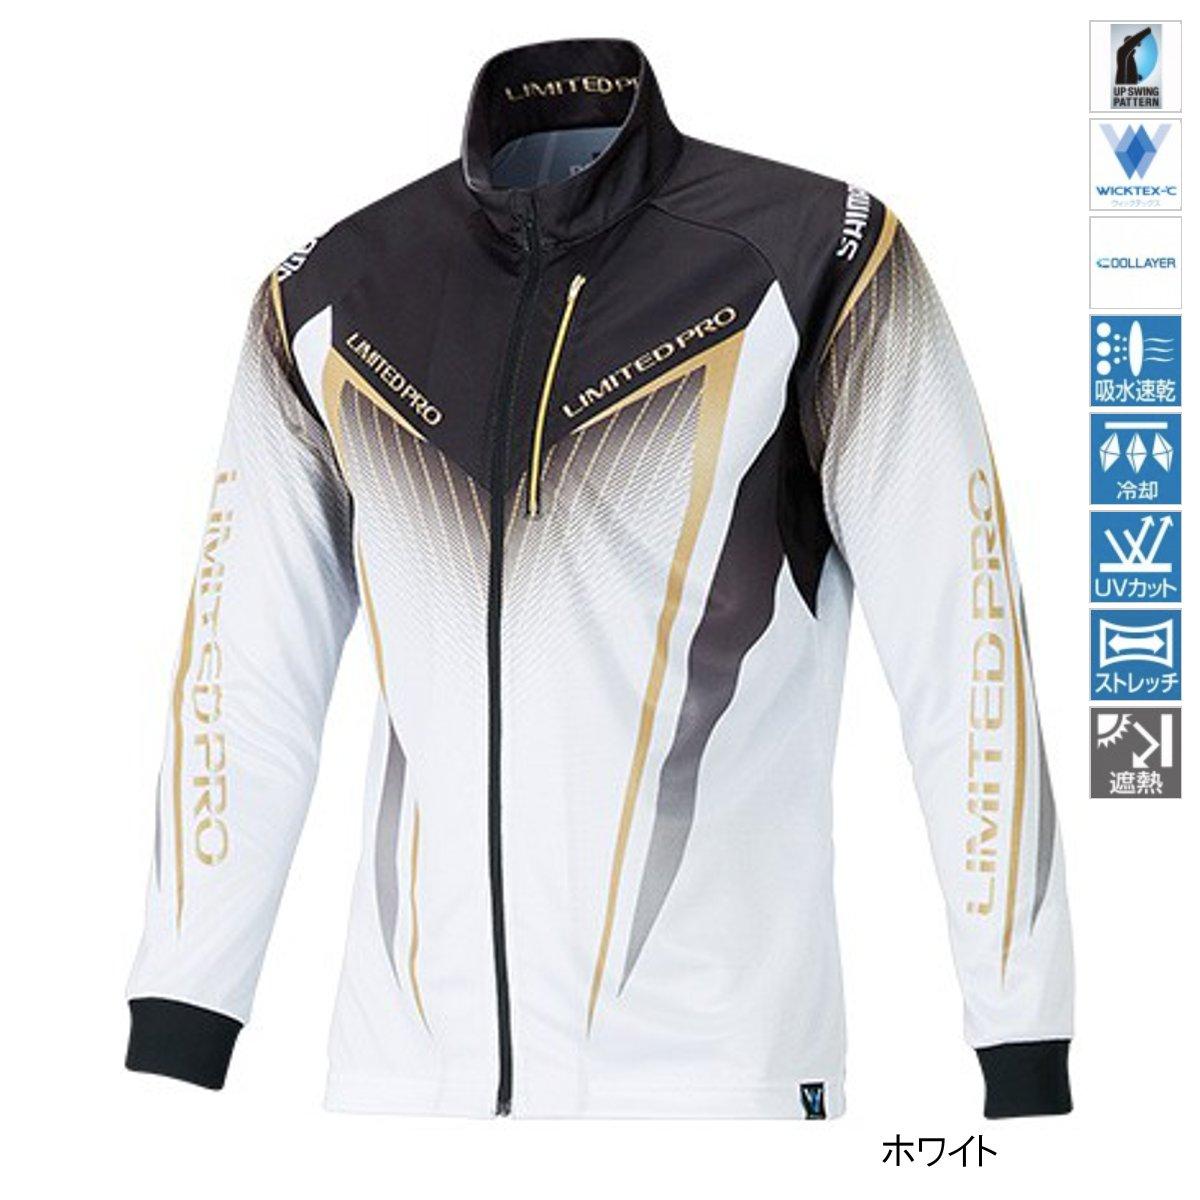 シマノ フルジップシャツLIMITED PRO(長袖) SH-011S L ホワイト